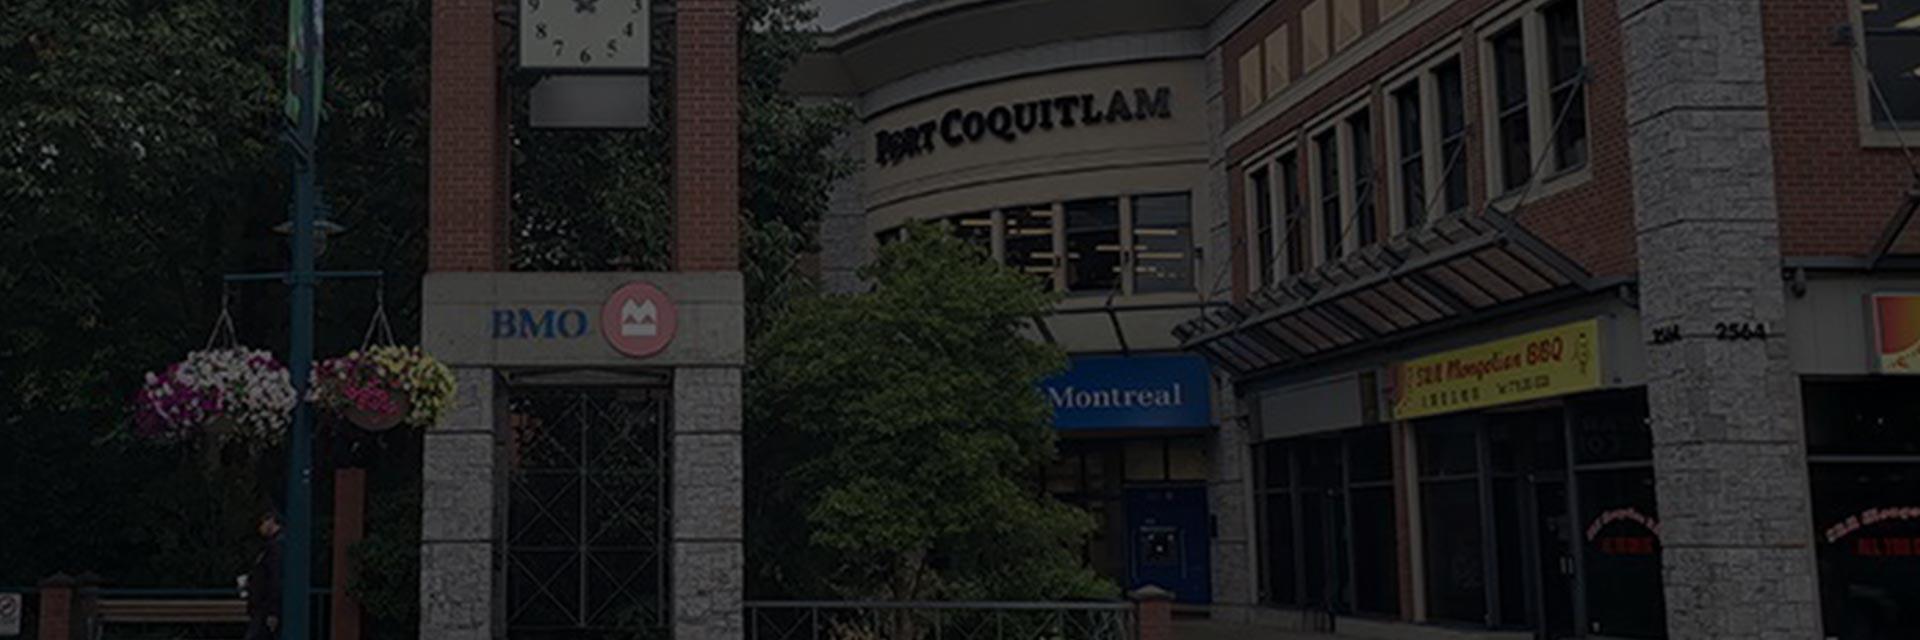 port-coquitlam-corporate-law